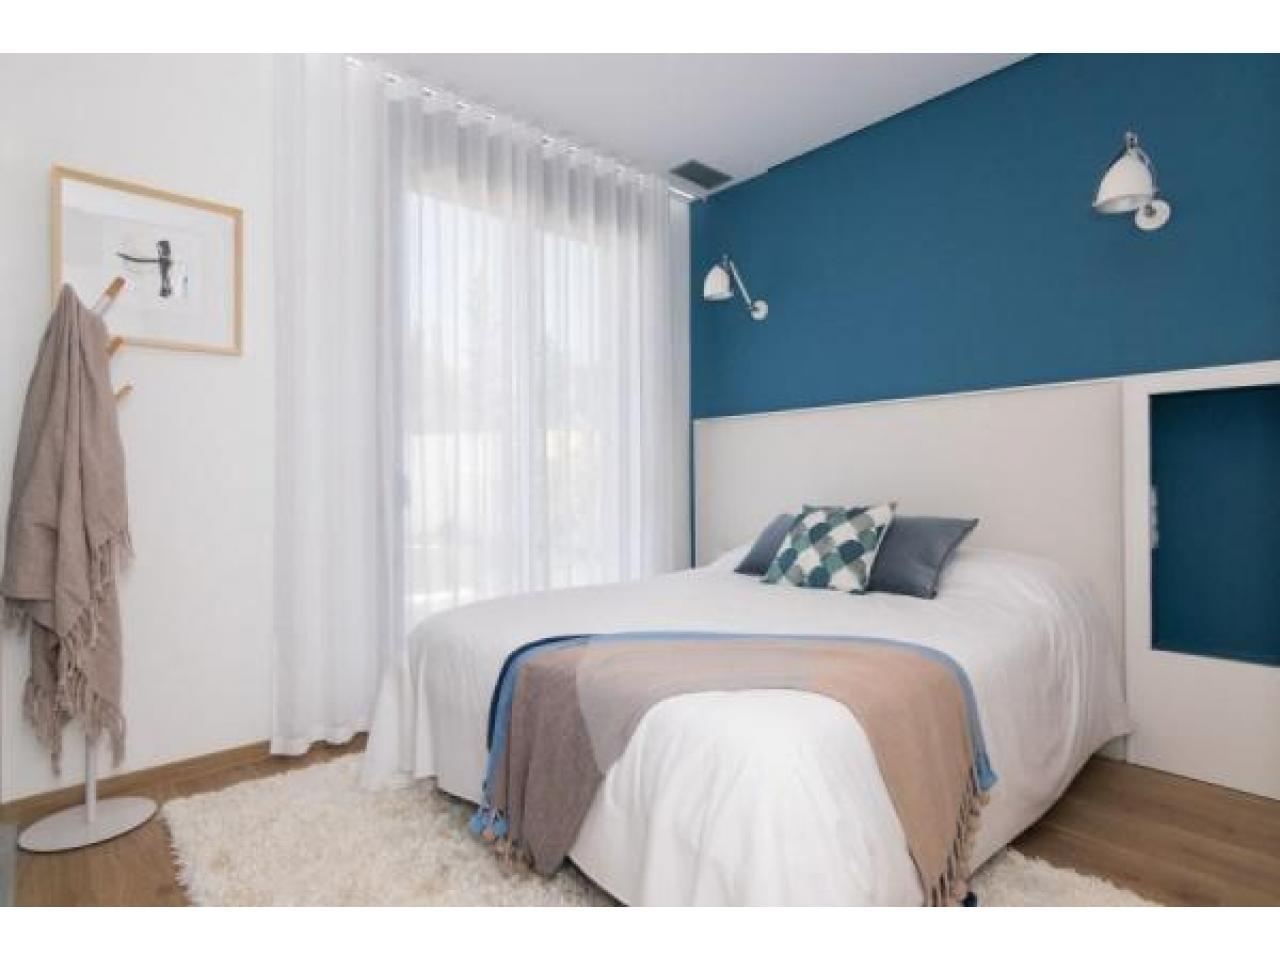 Недвижимость в Испании, Новая вилла рядом с морем от застройщика в Кампельо - 7